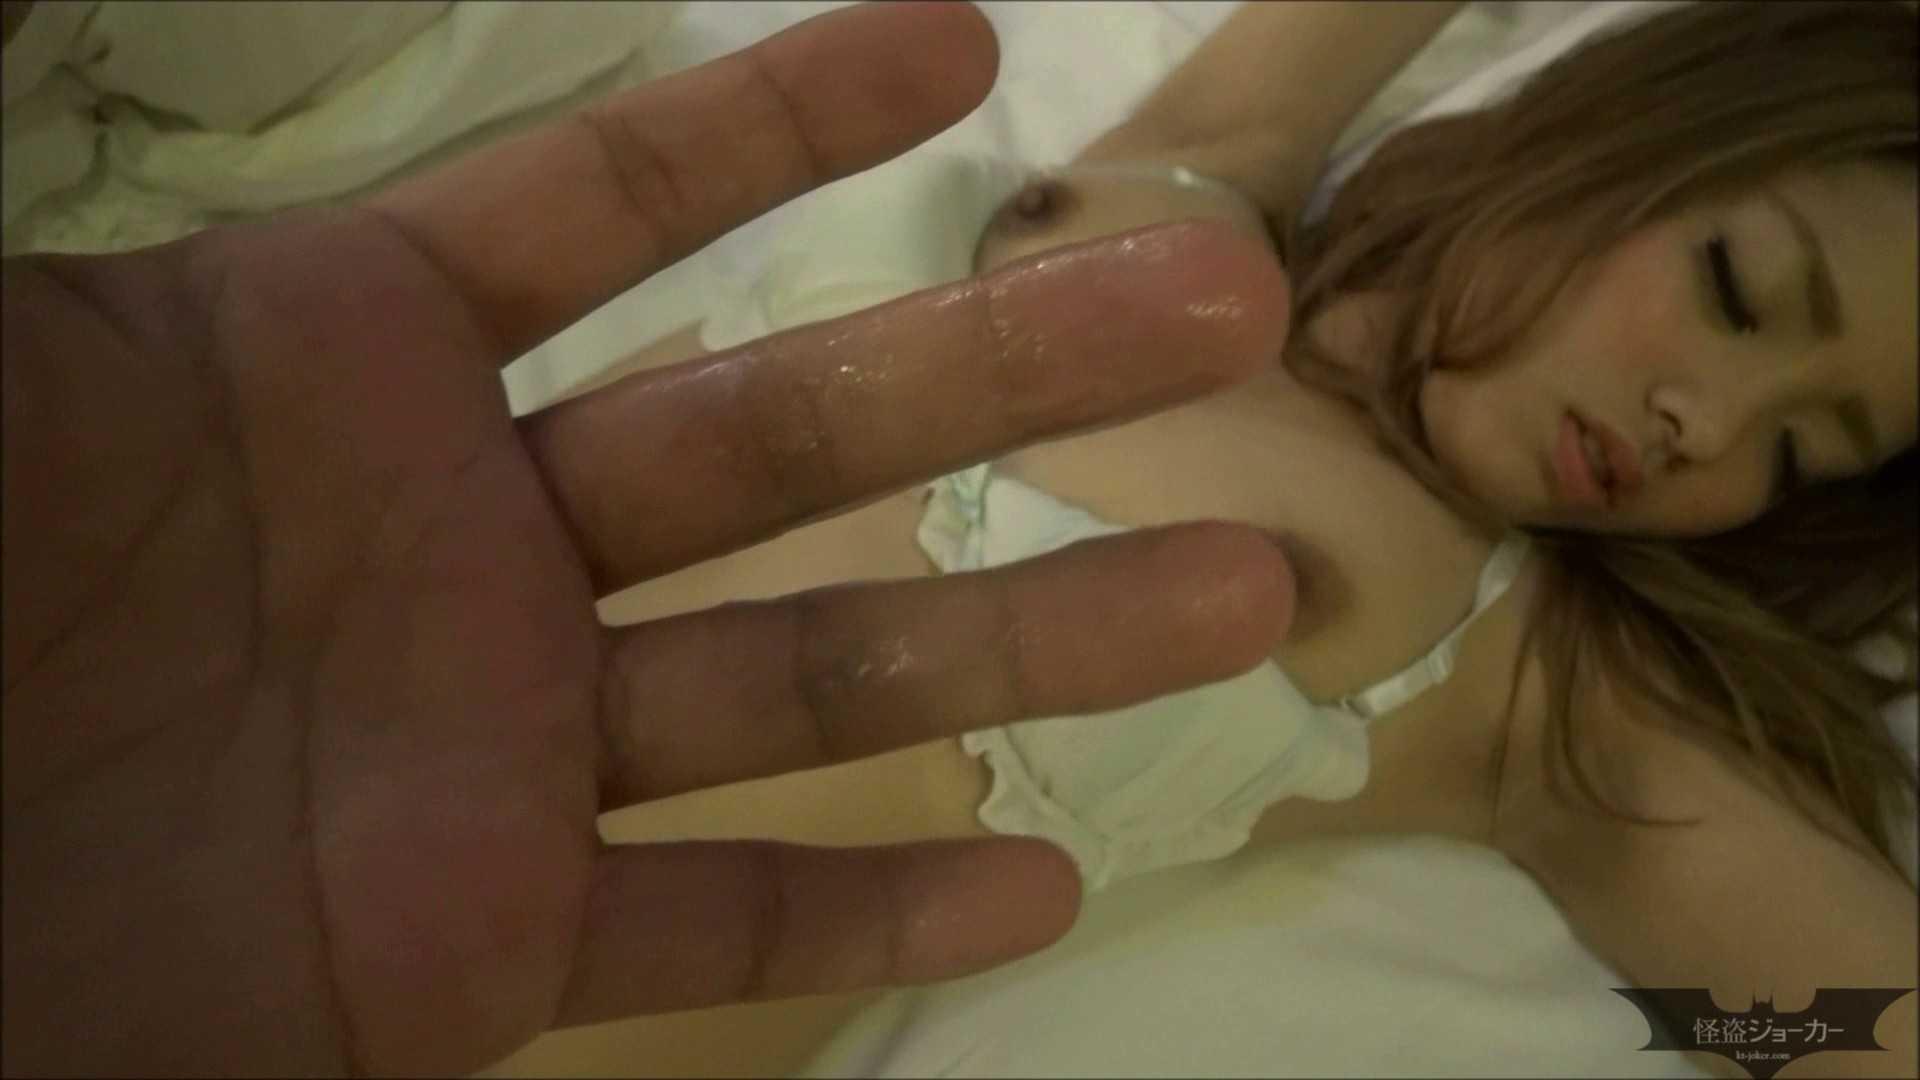 【未公開】vol.93 {茶髪ギャル}美巨乳アミちゃん②ゴメンネw【後編】 美乳  64PIX 37